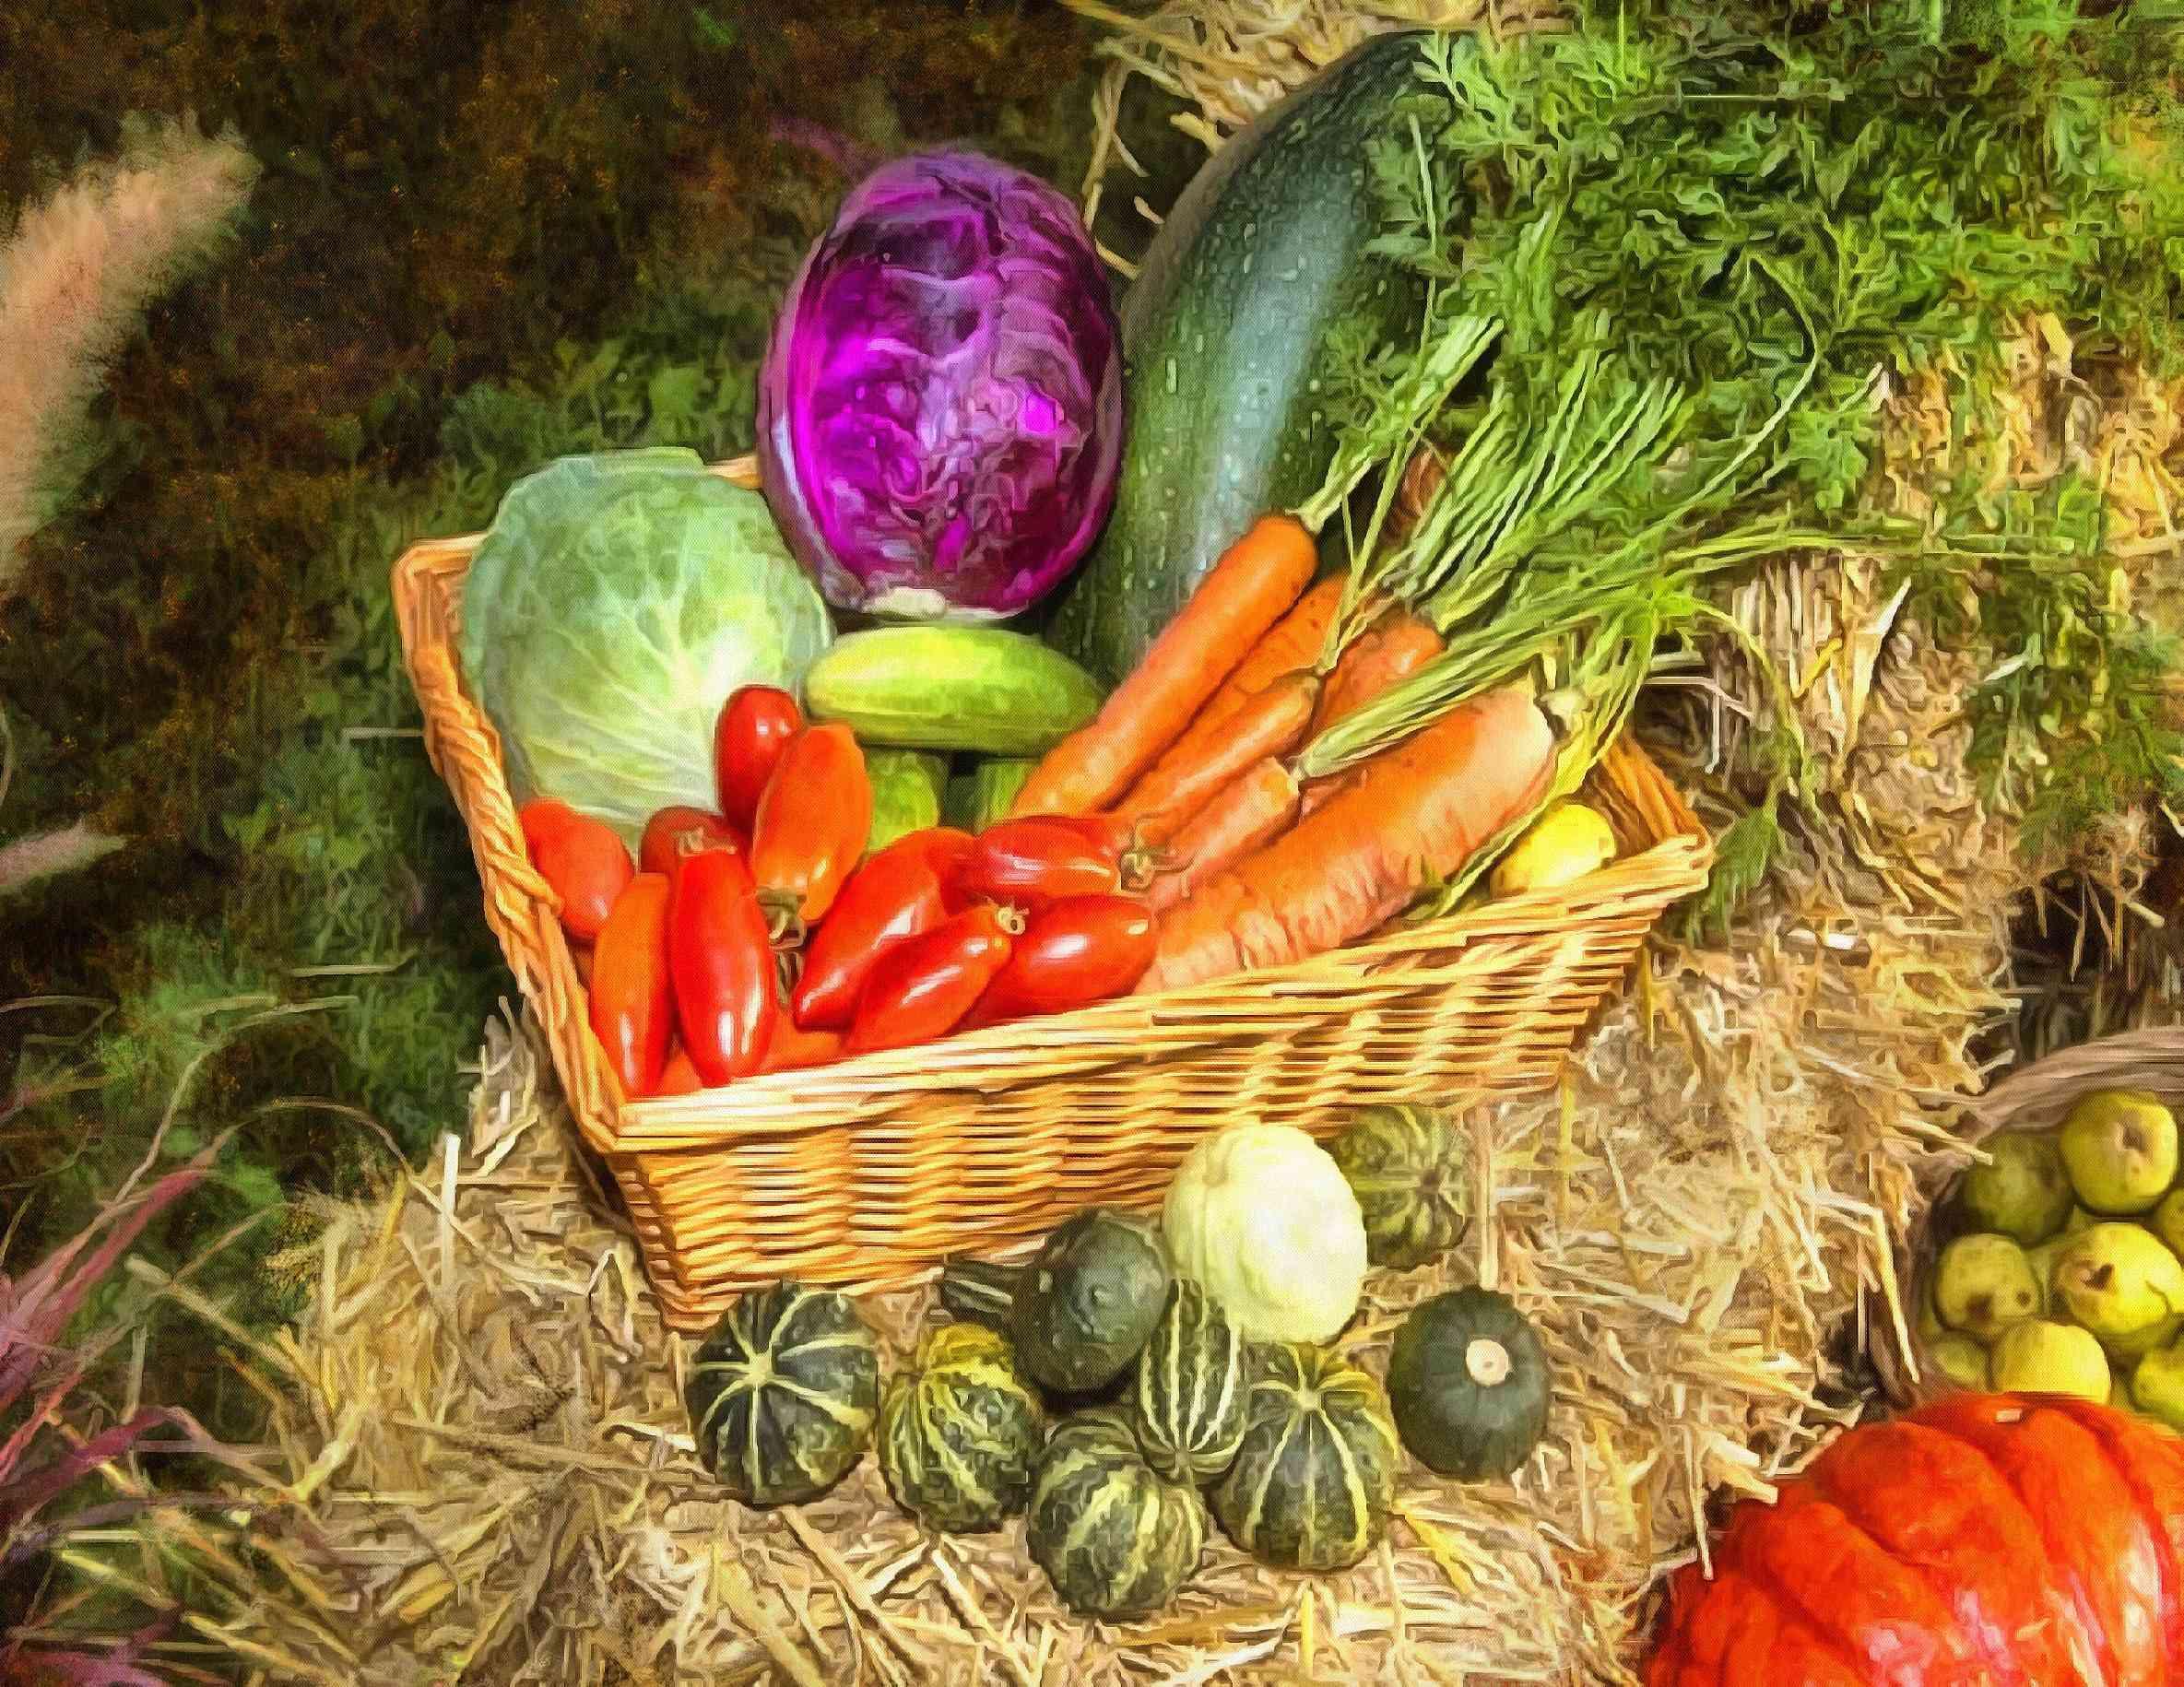 <br>Basket with vegetables, vegetables, carrots, harvest, straw,